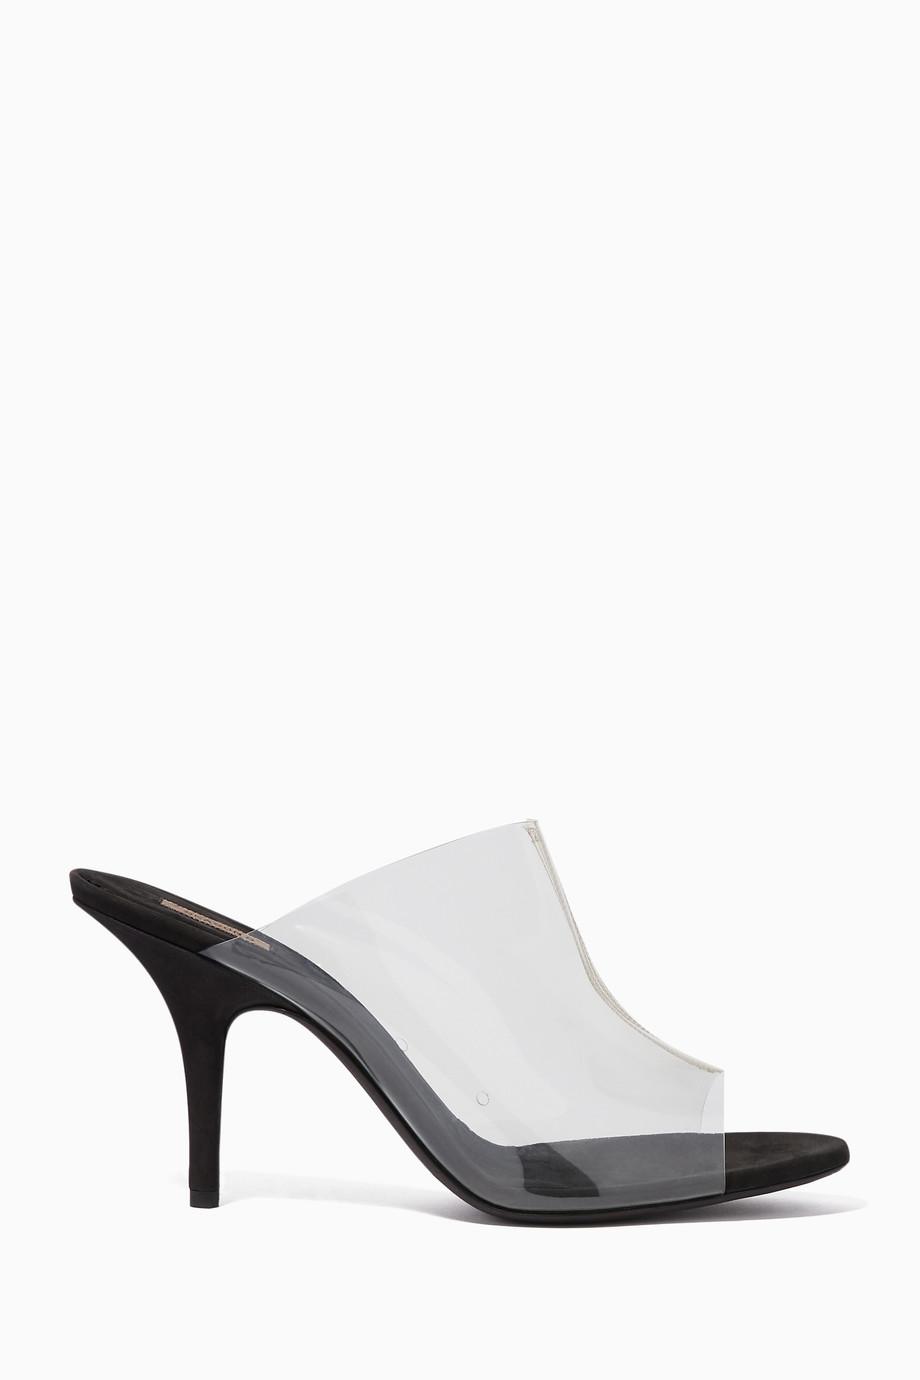 7d317edadbd Shop Yeezy Grey Transparent   Black PVC Open-Toe Mules for Women ...